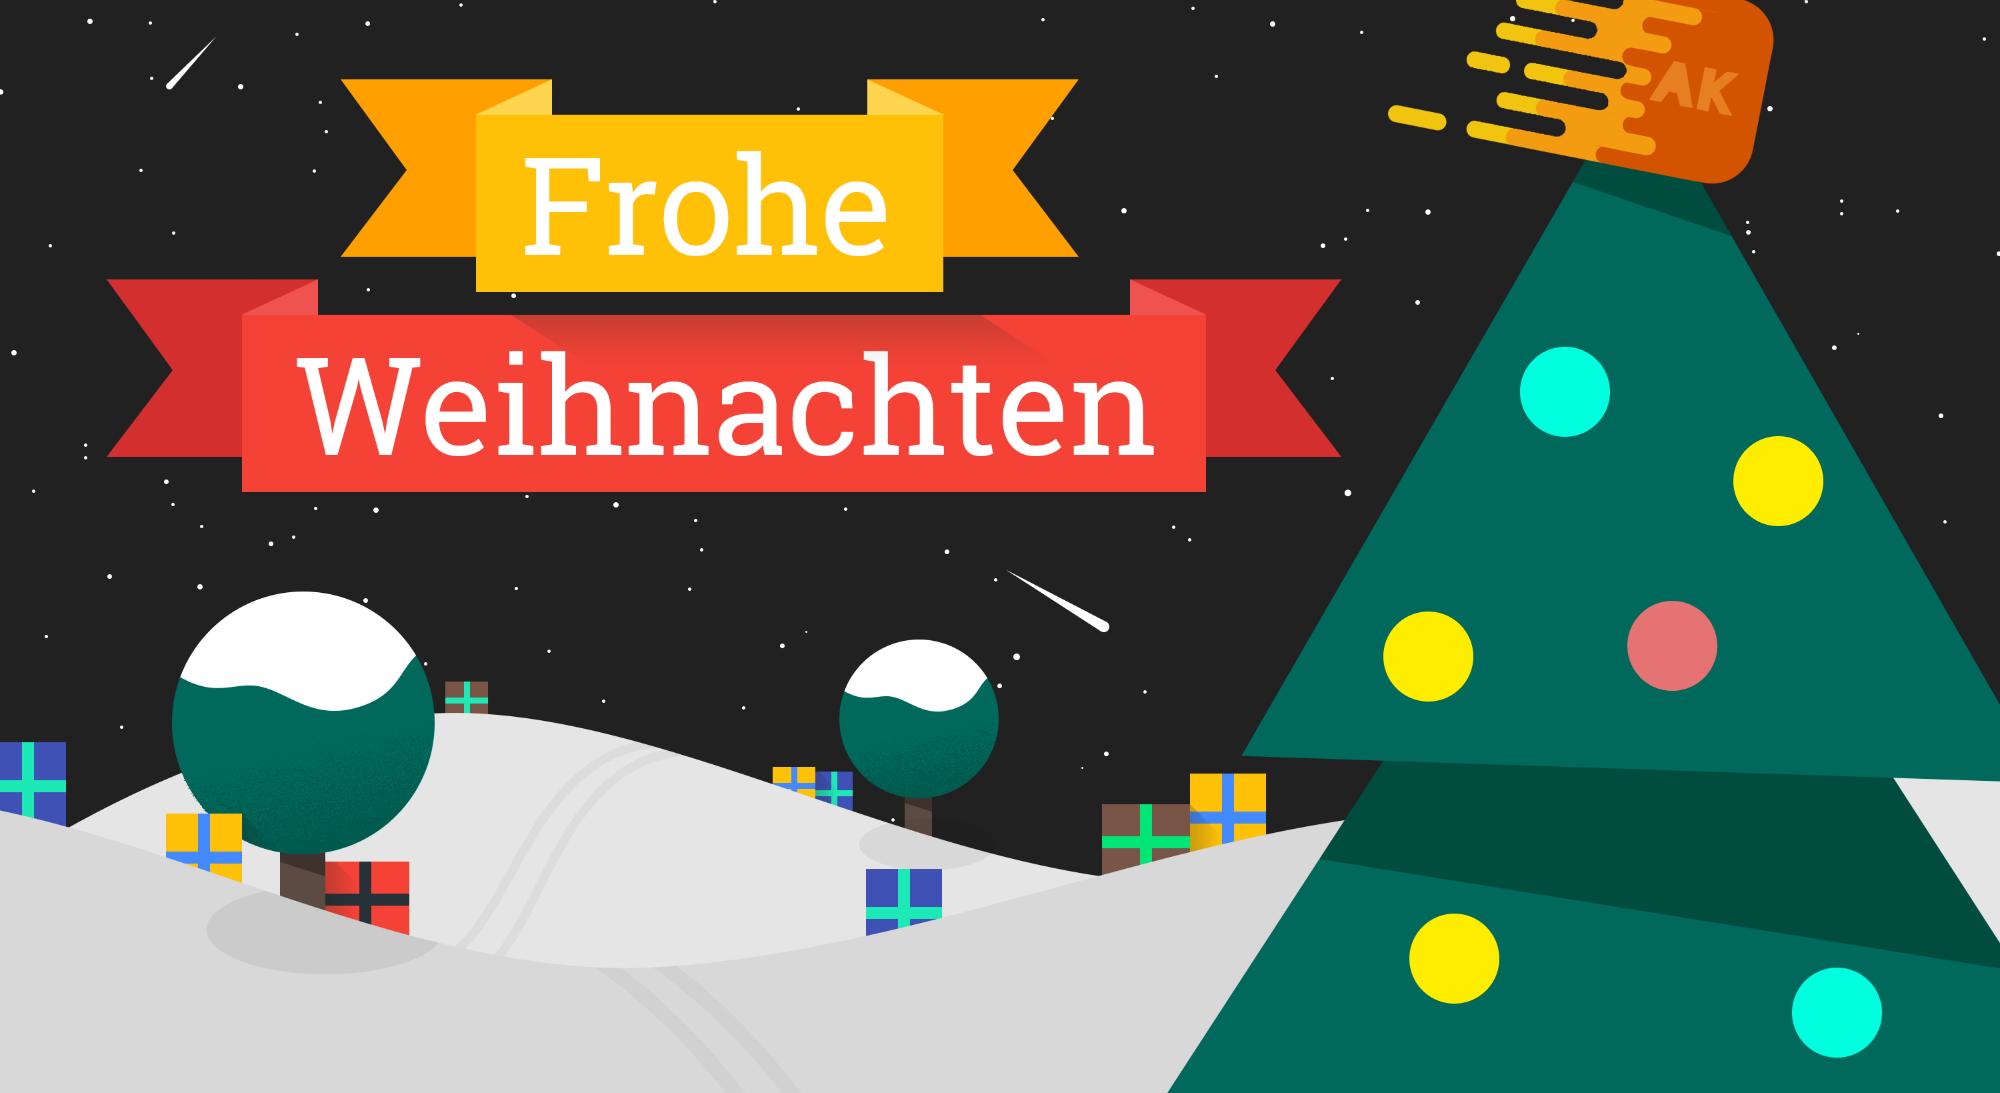 Email Frohe Weihnachten.Frohe Weihnachten Weihnachtsgrüße Aus Der Redaktion Appkosmos De